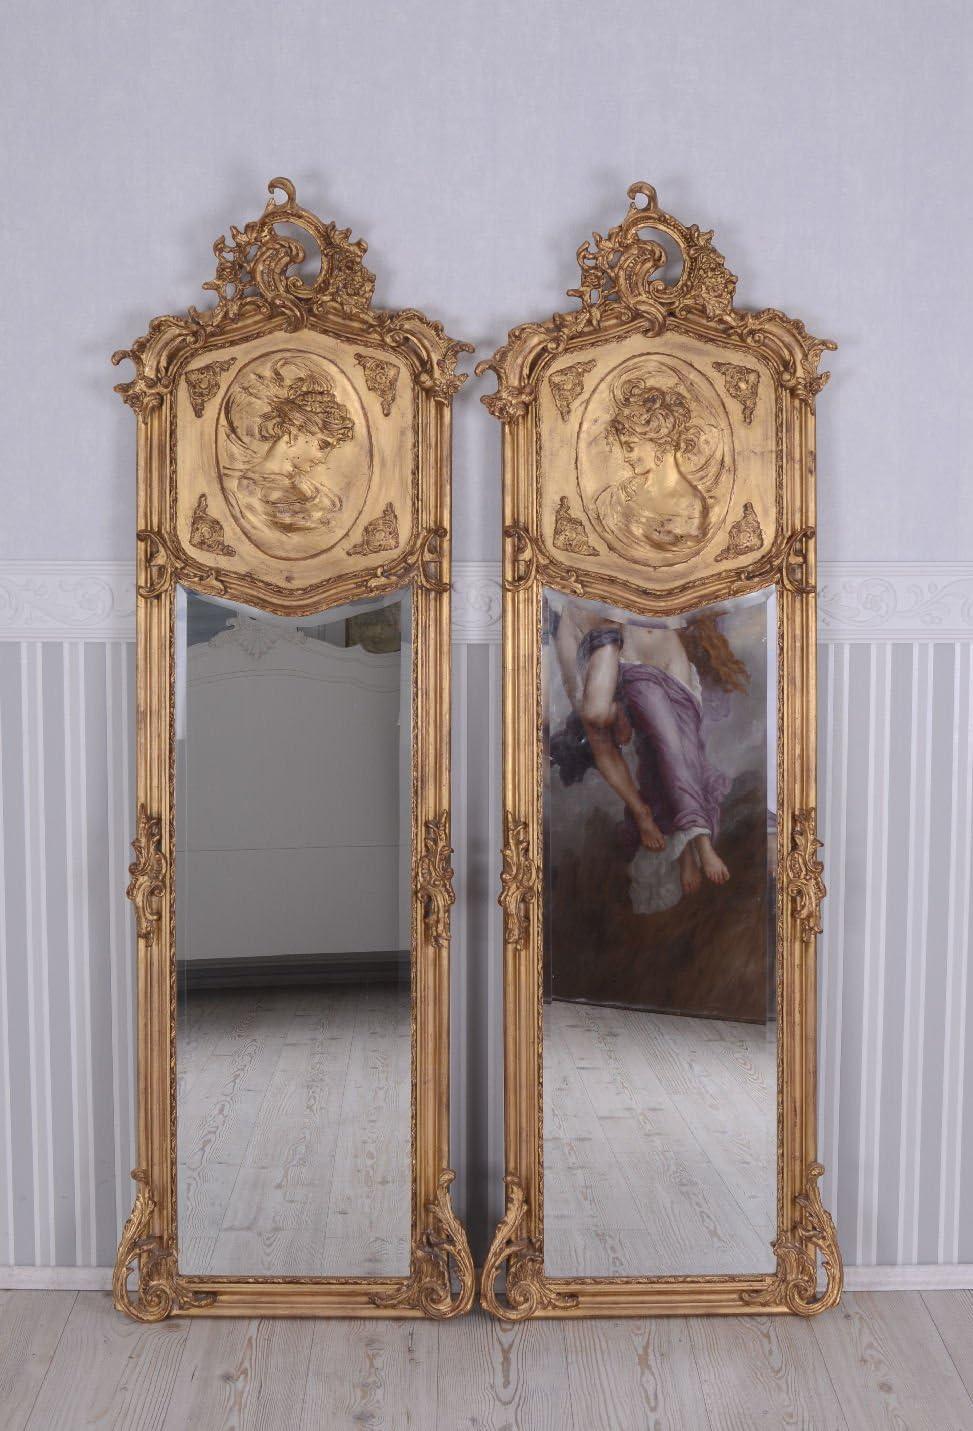 Palazzo Int Zwei Wandspiegel Set 2 Barock Spiegel Gold Frauenbüsten Re Li Ankleidespiegel Garderobenspiegel Rokoko Küche Haushalt